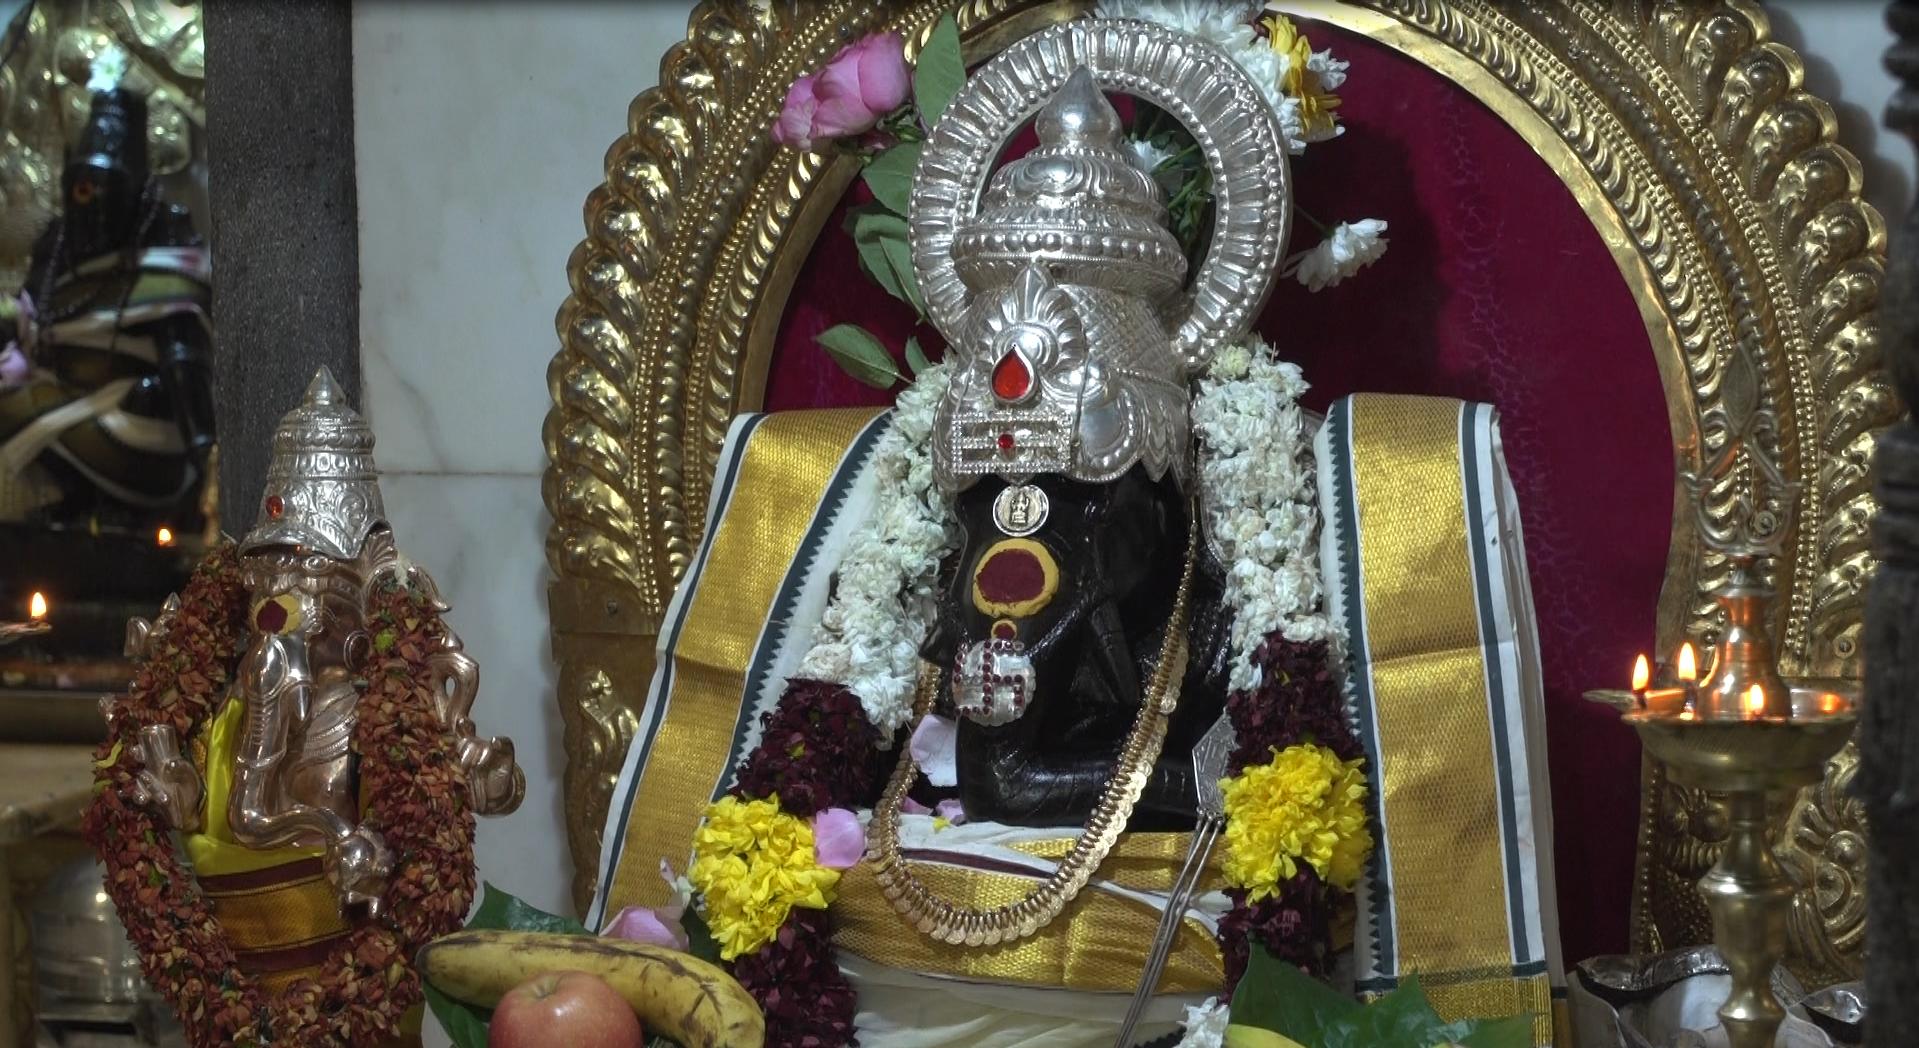 Le dieu Ganesh, dont la trompe est ornée d'un svastika (Paris, Temple Ganesh).